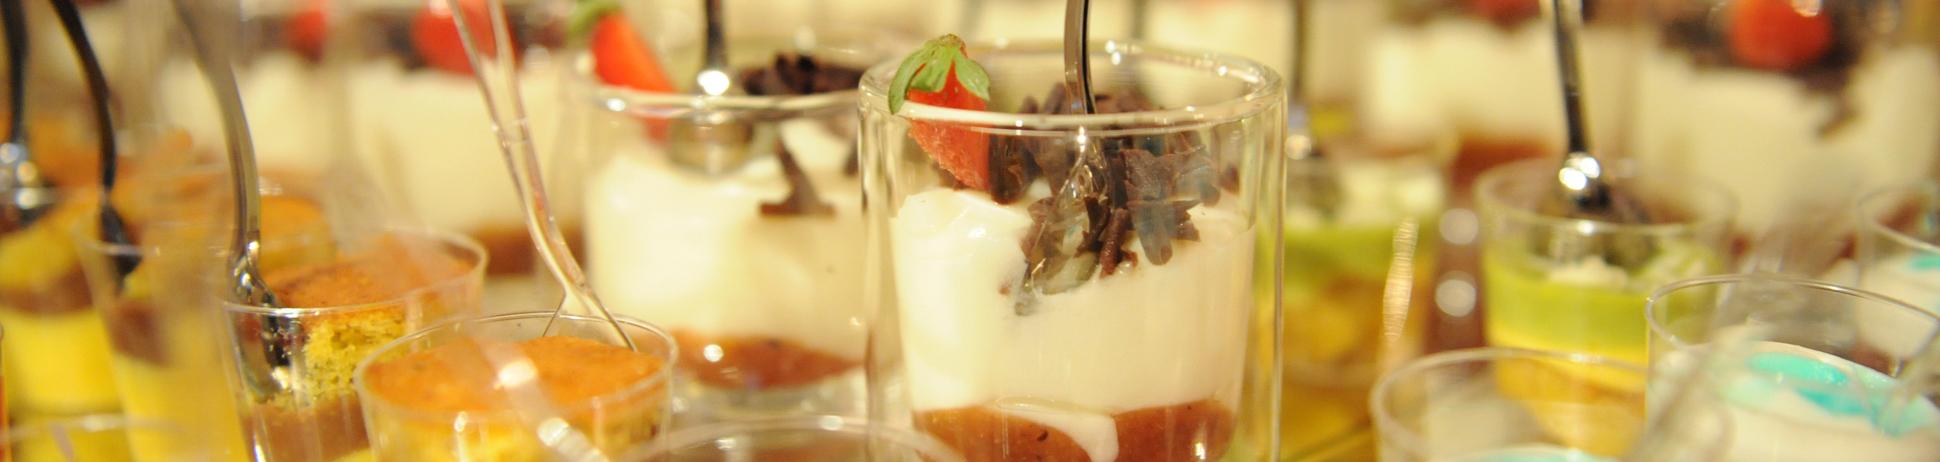 05_slider_dessert